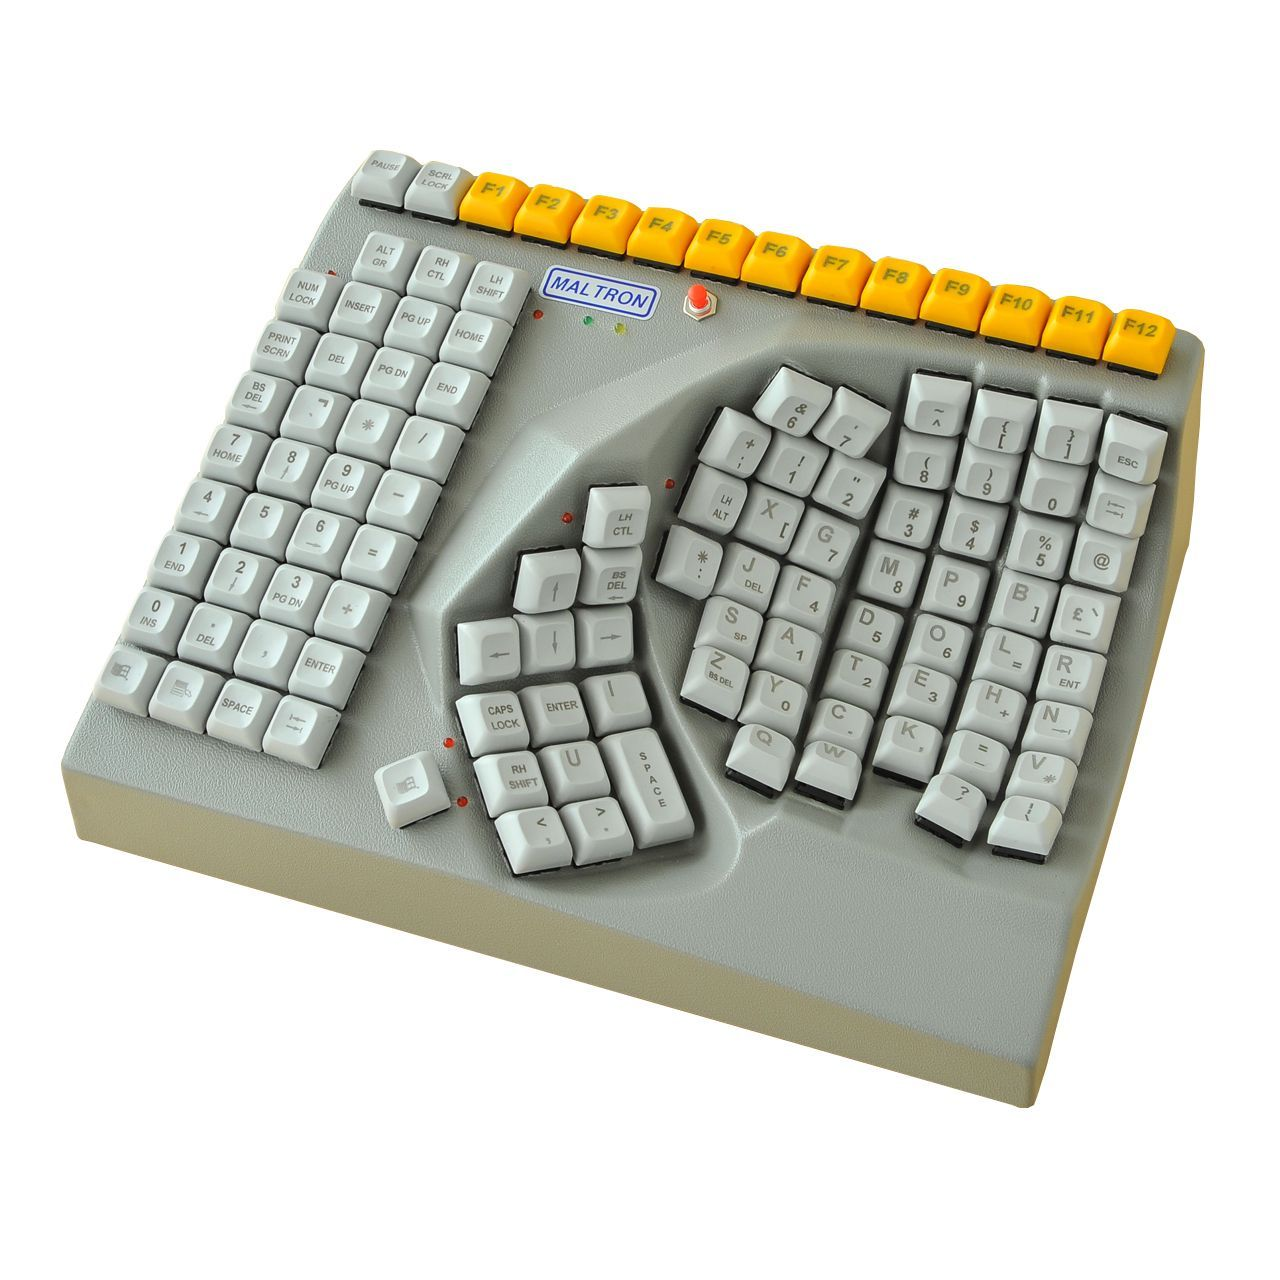 Maltron Rechtshandig toetsenbord Voorkant